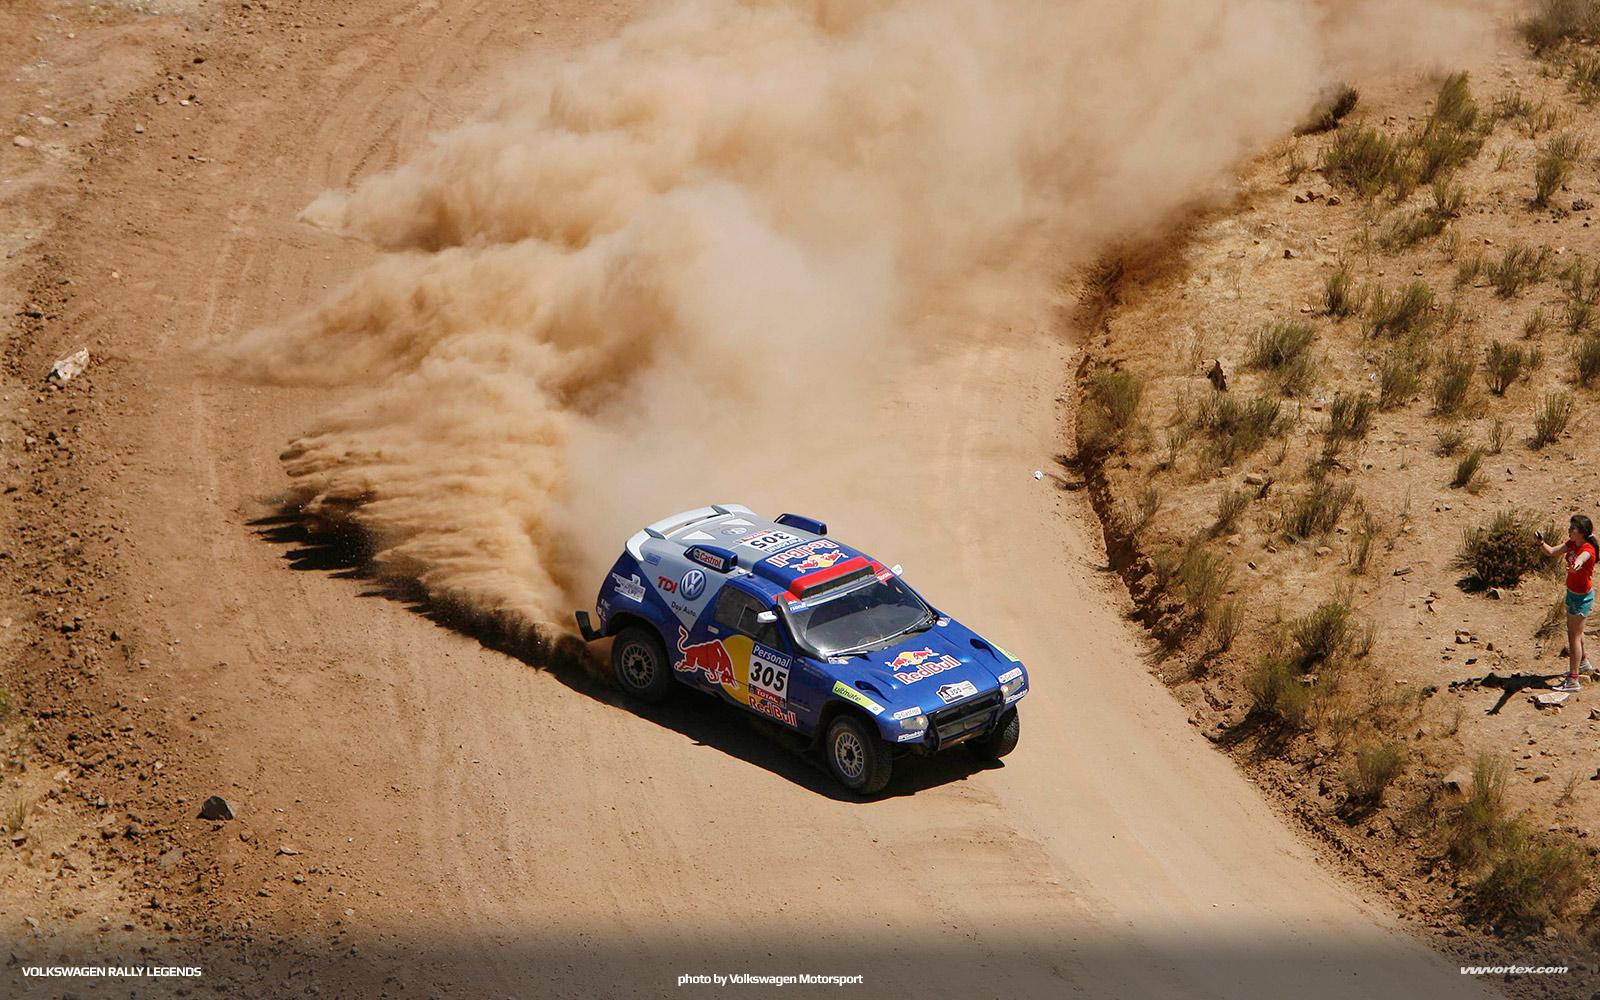 volkswagen-rally-legends-362